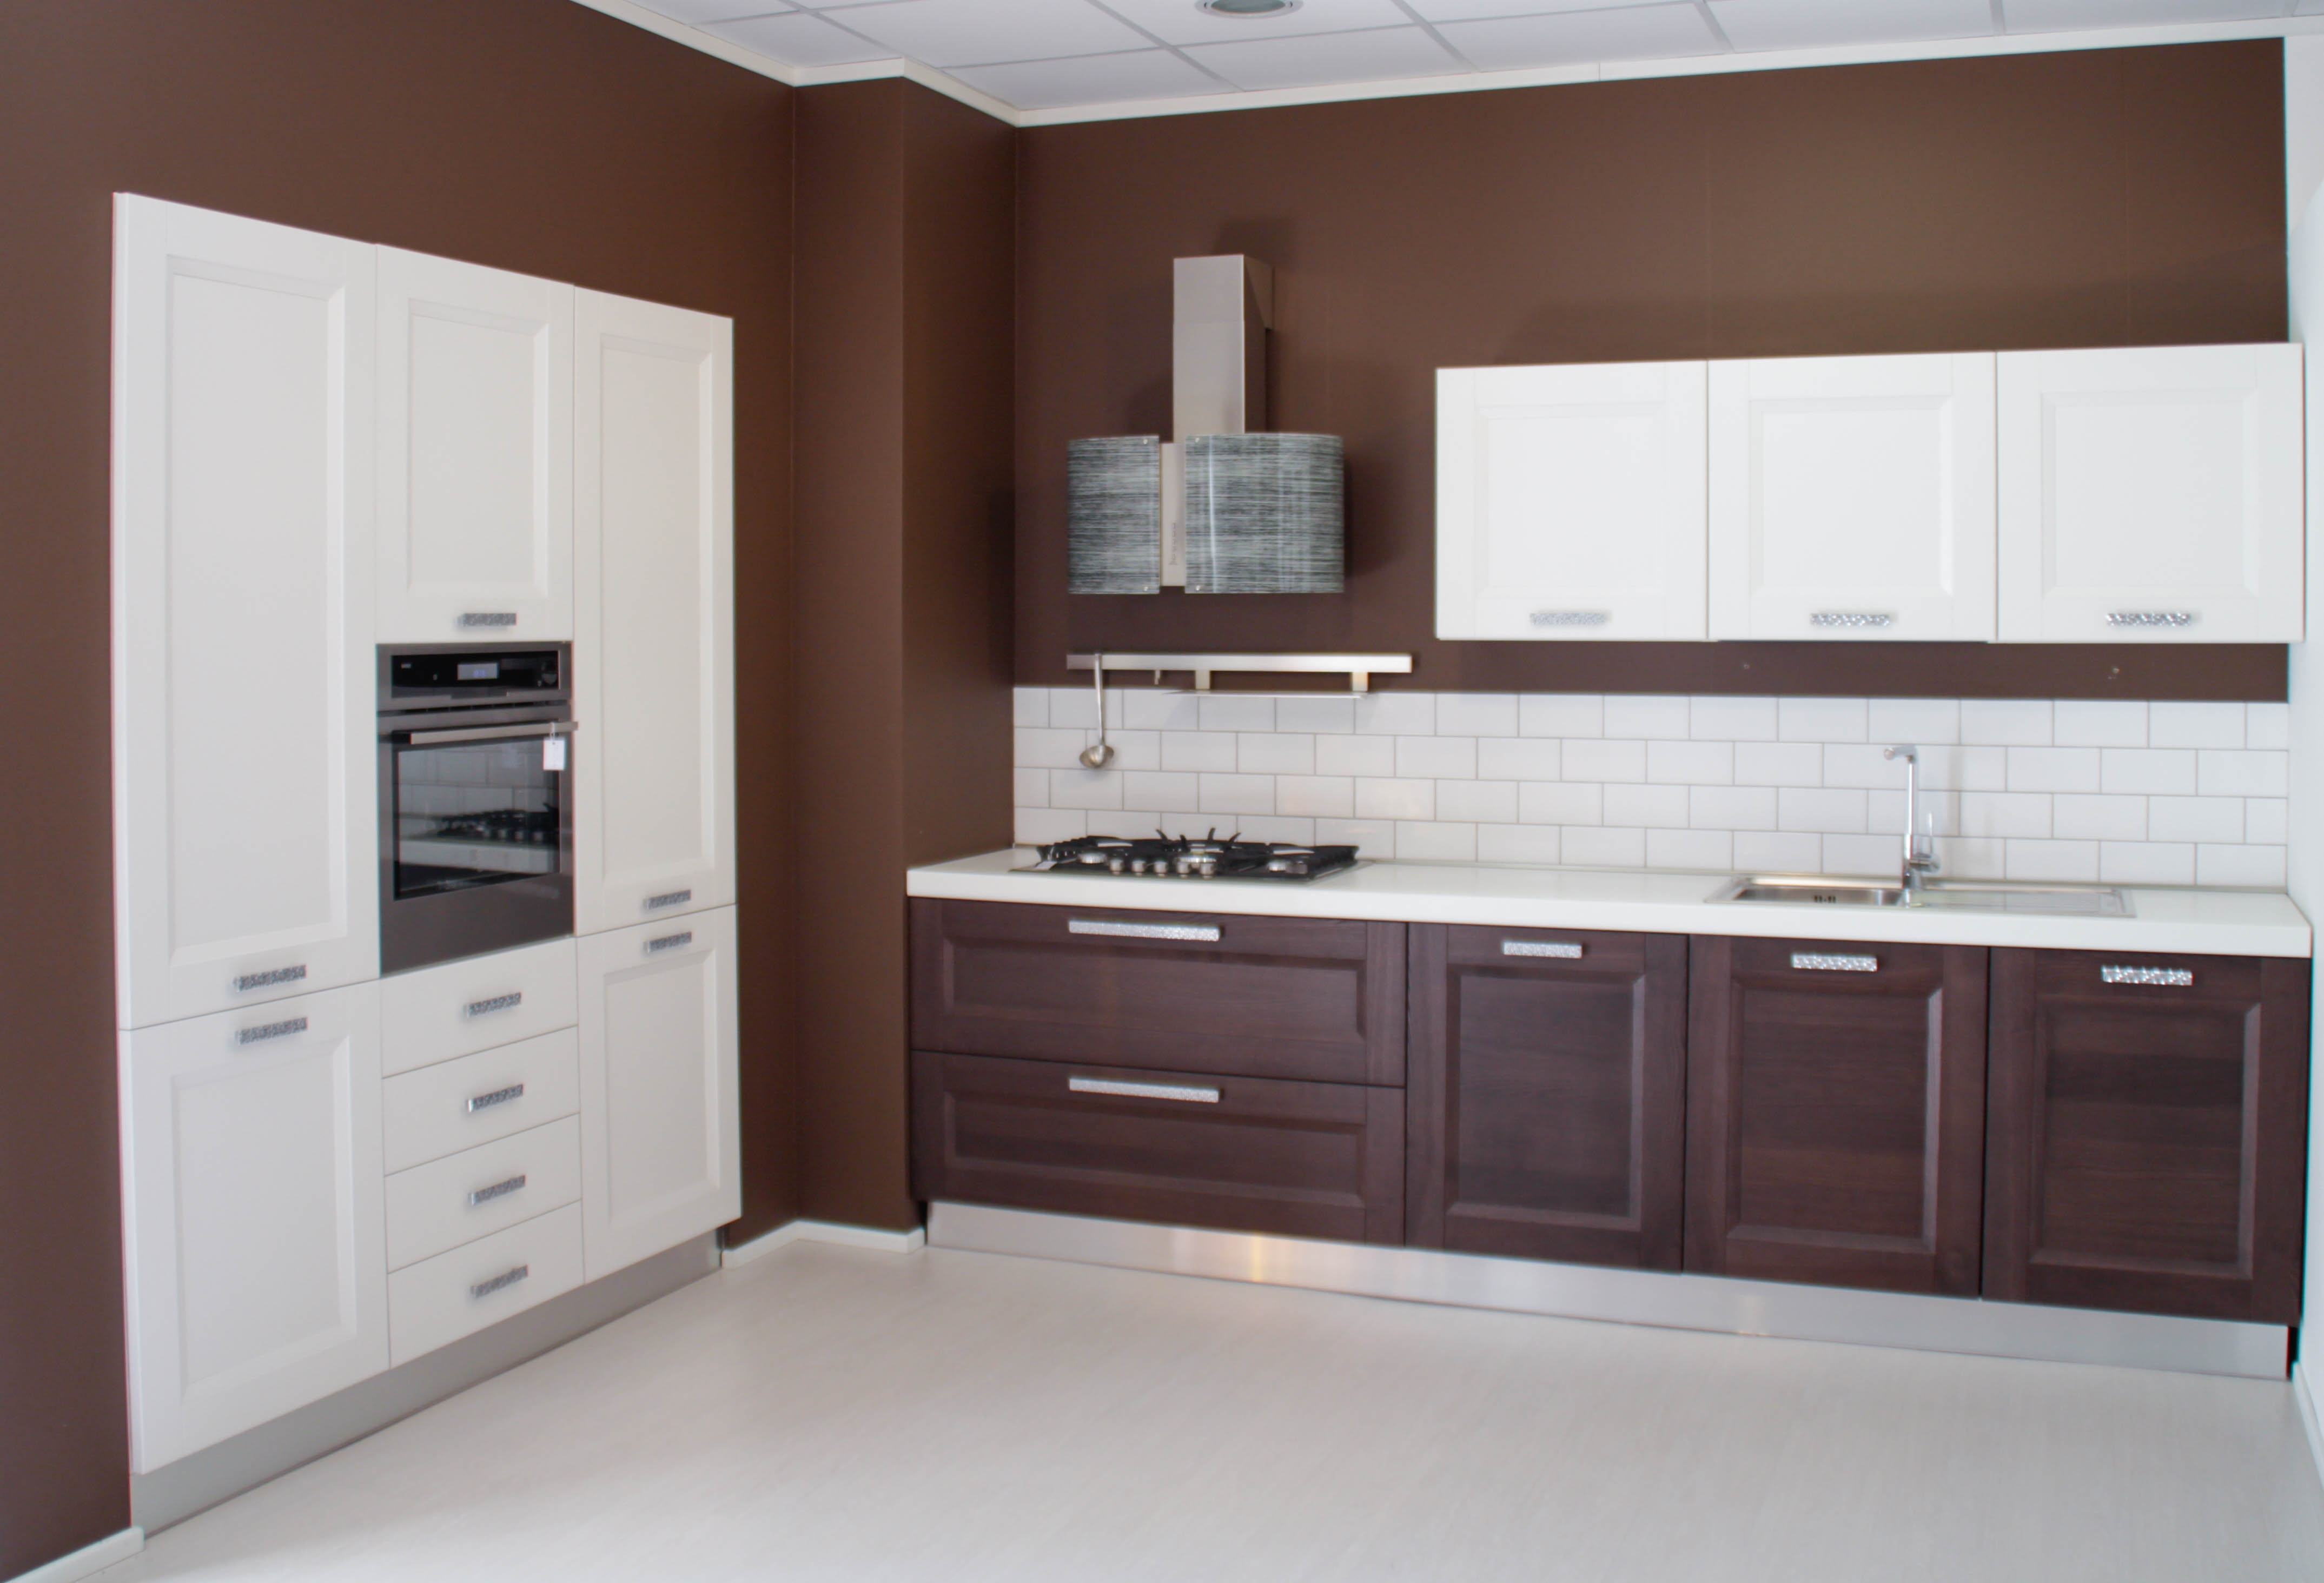 Cucine arrex prezzi idee per il design della casa - Cucine arrex prezzi ...